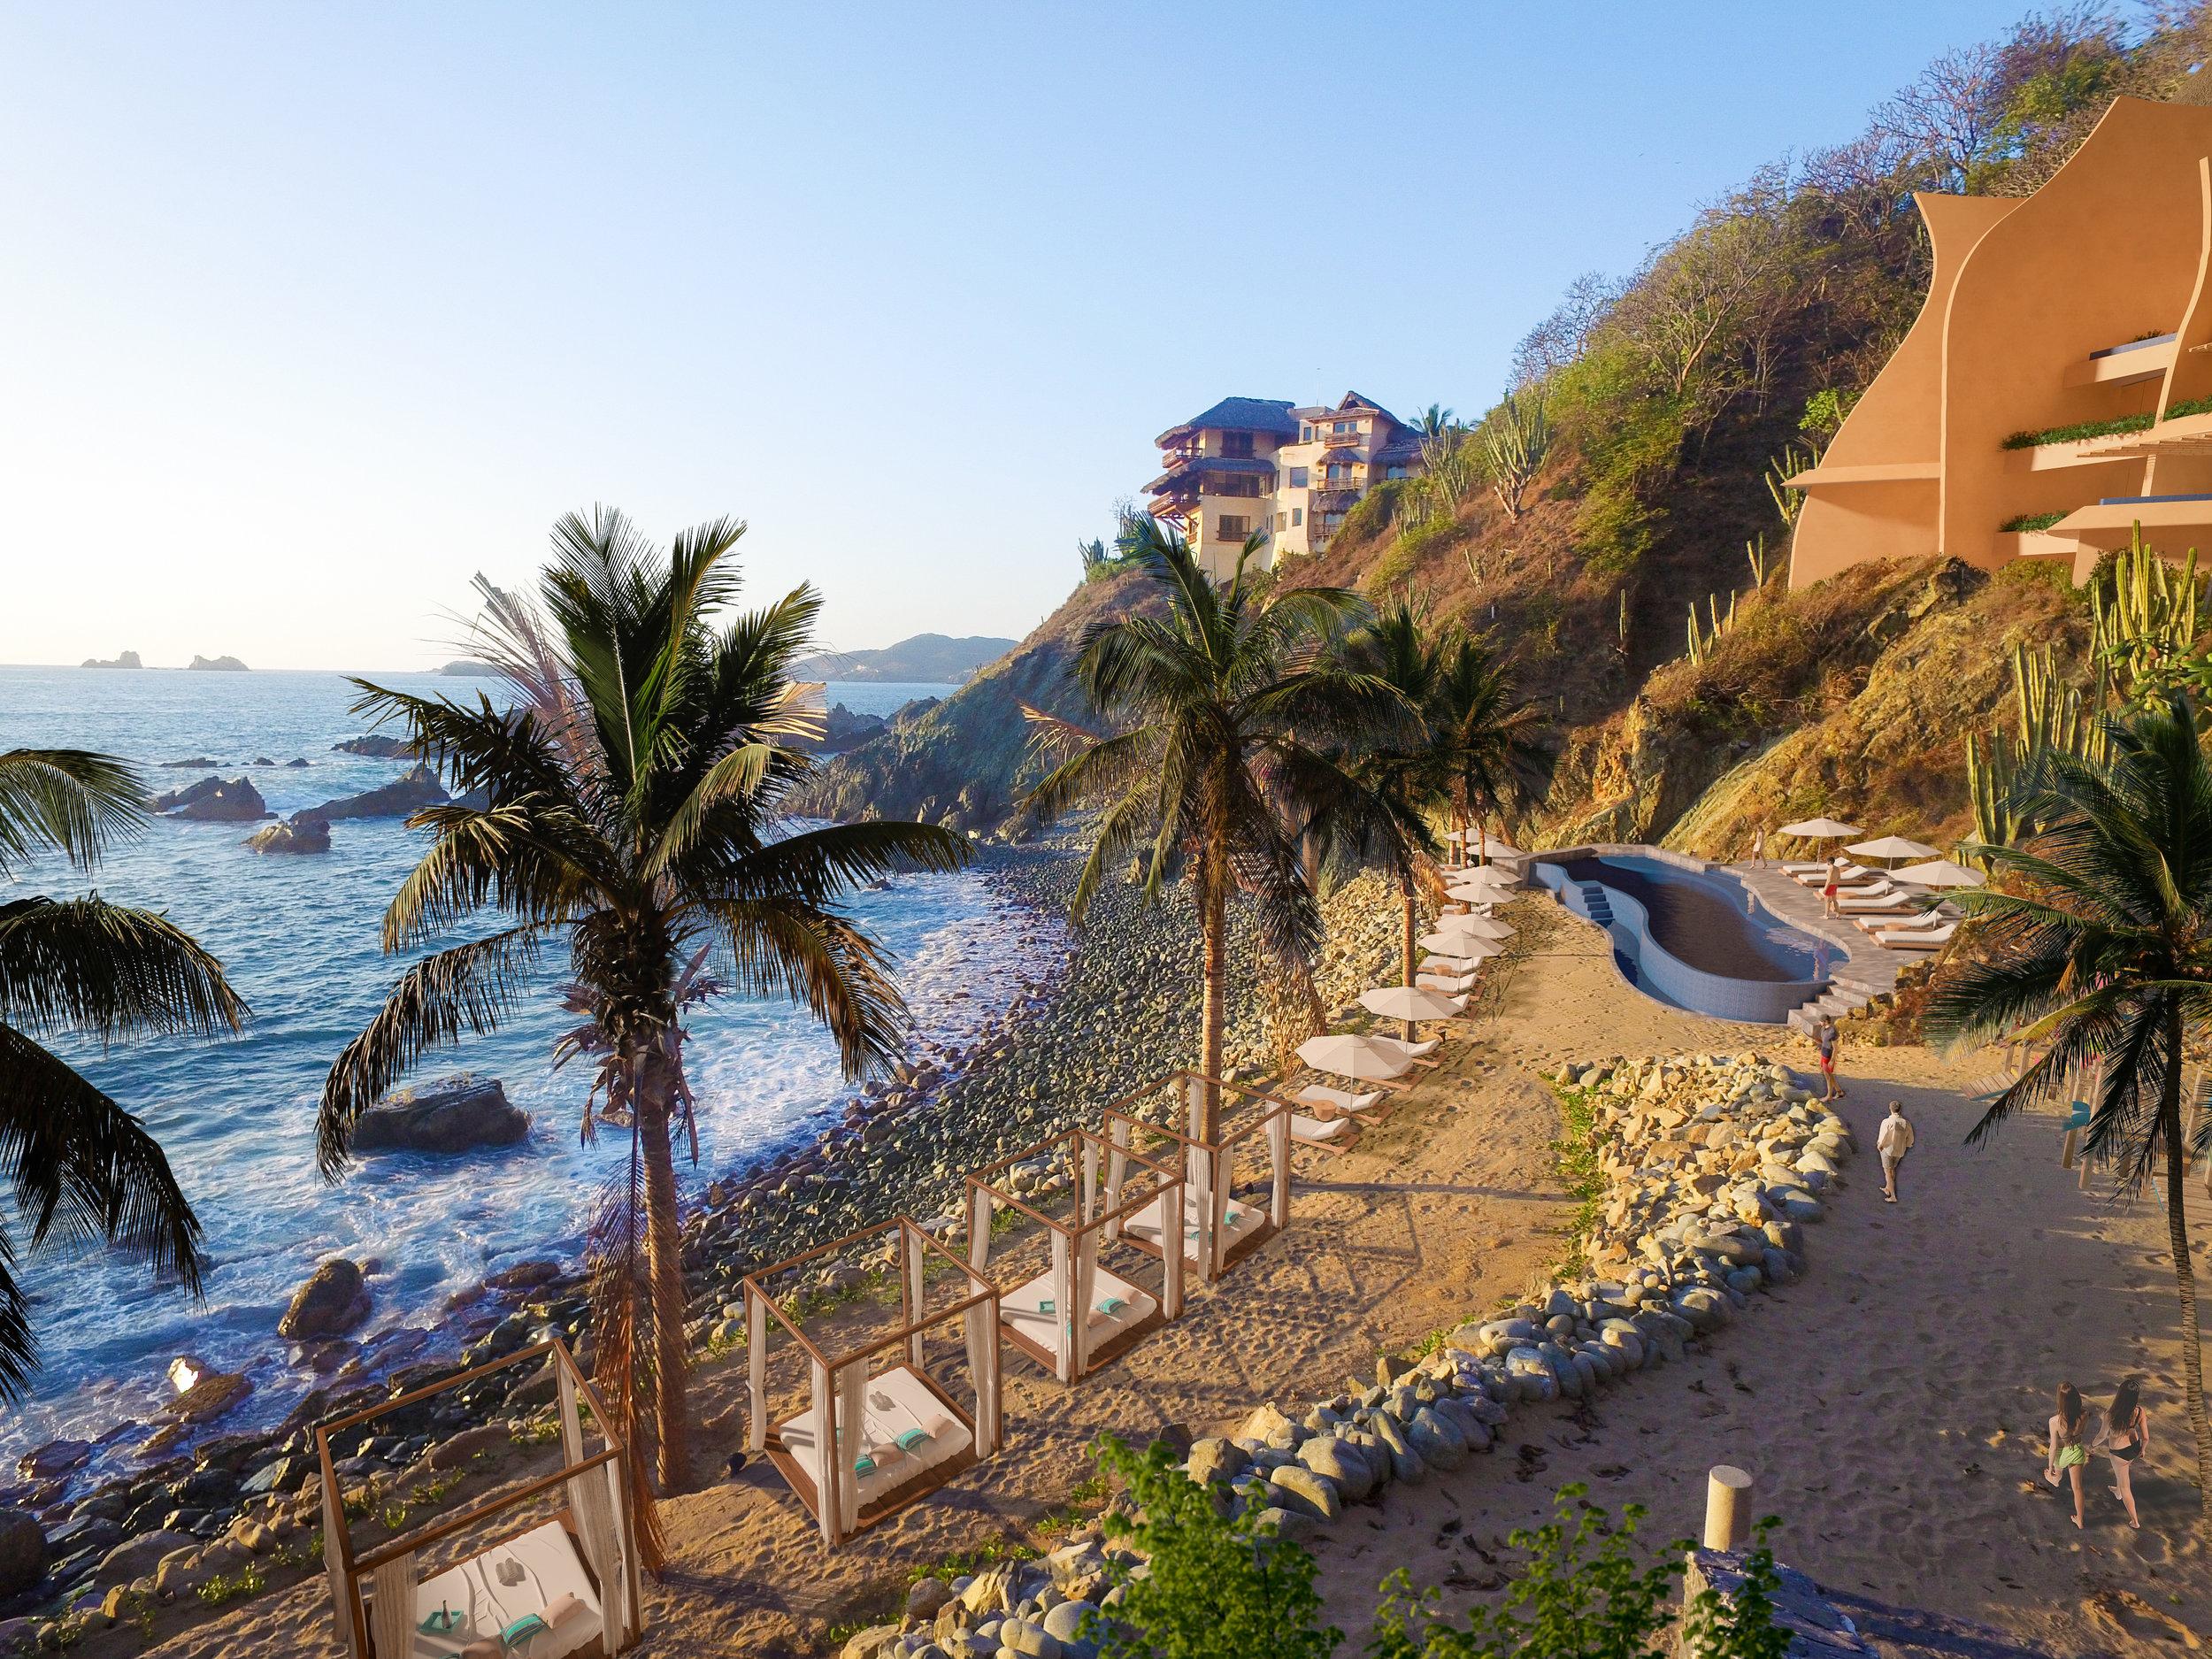 ambar beach club02 (1).jpg